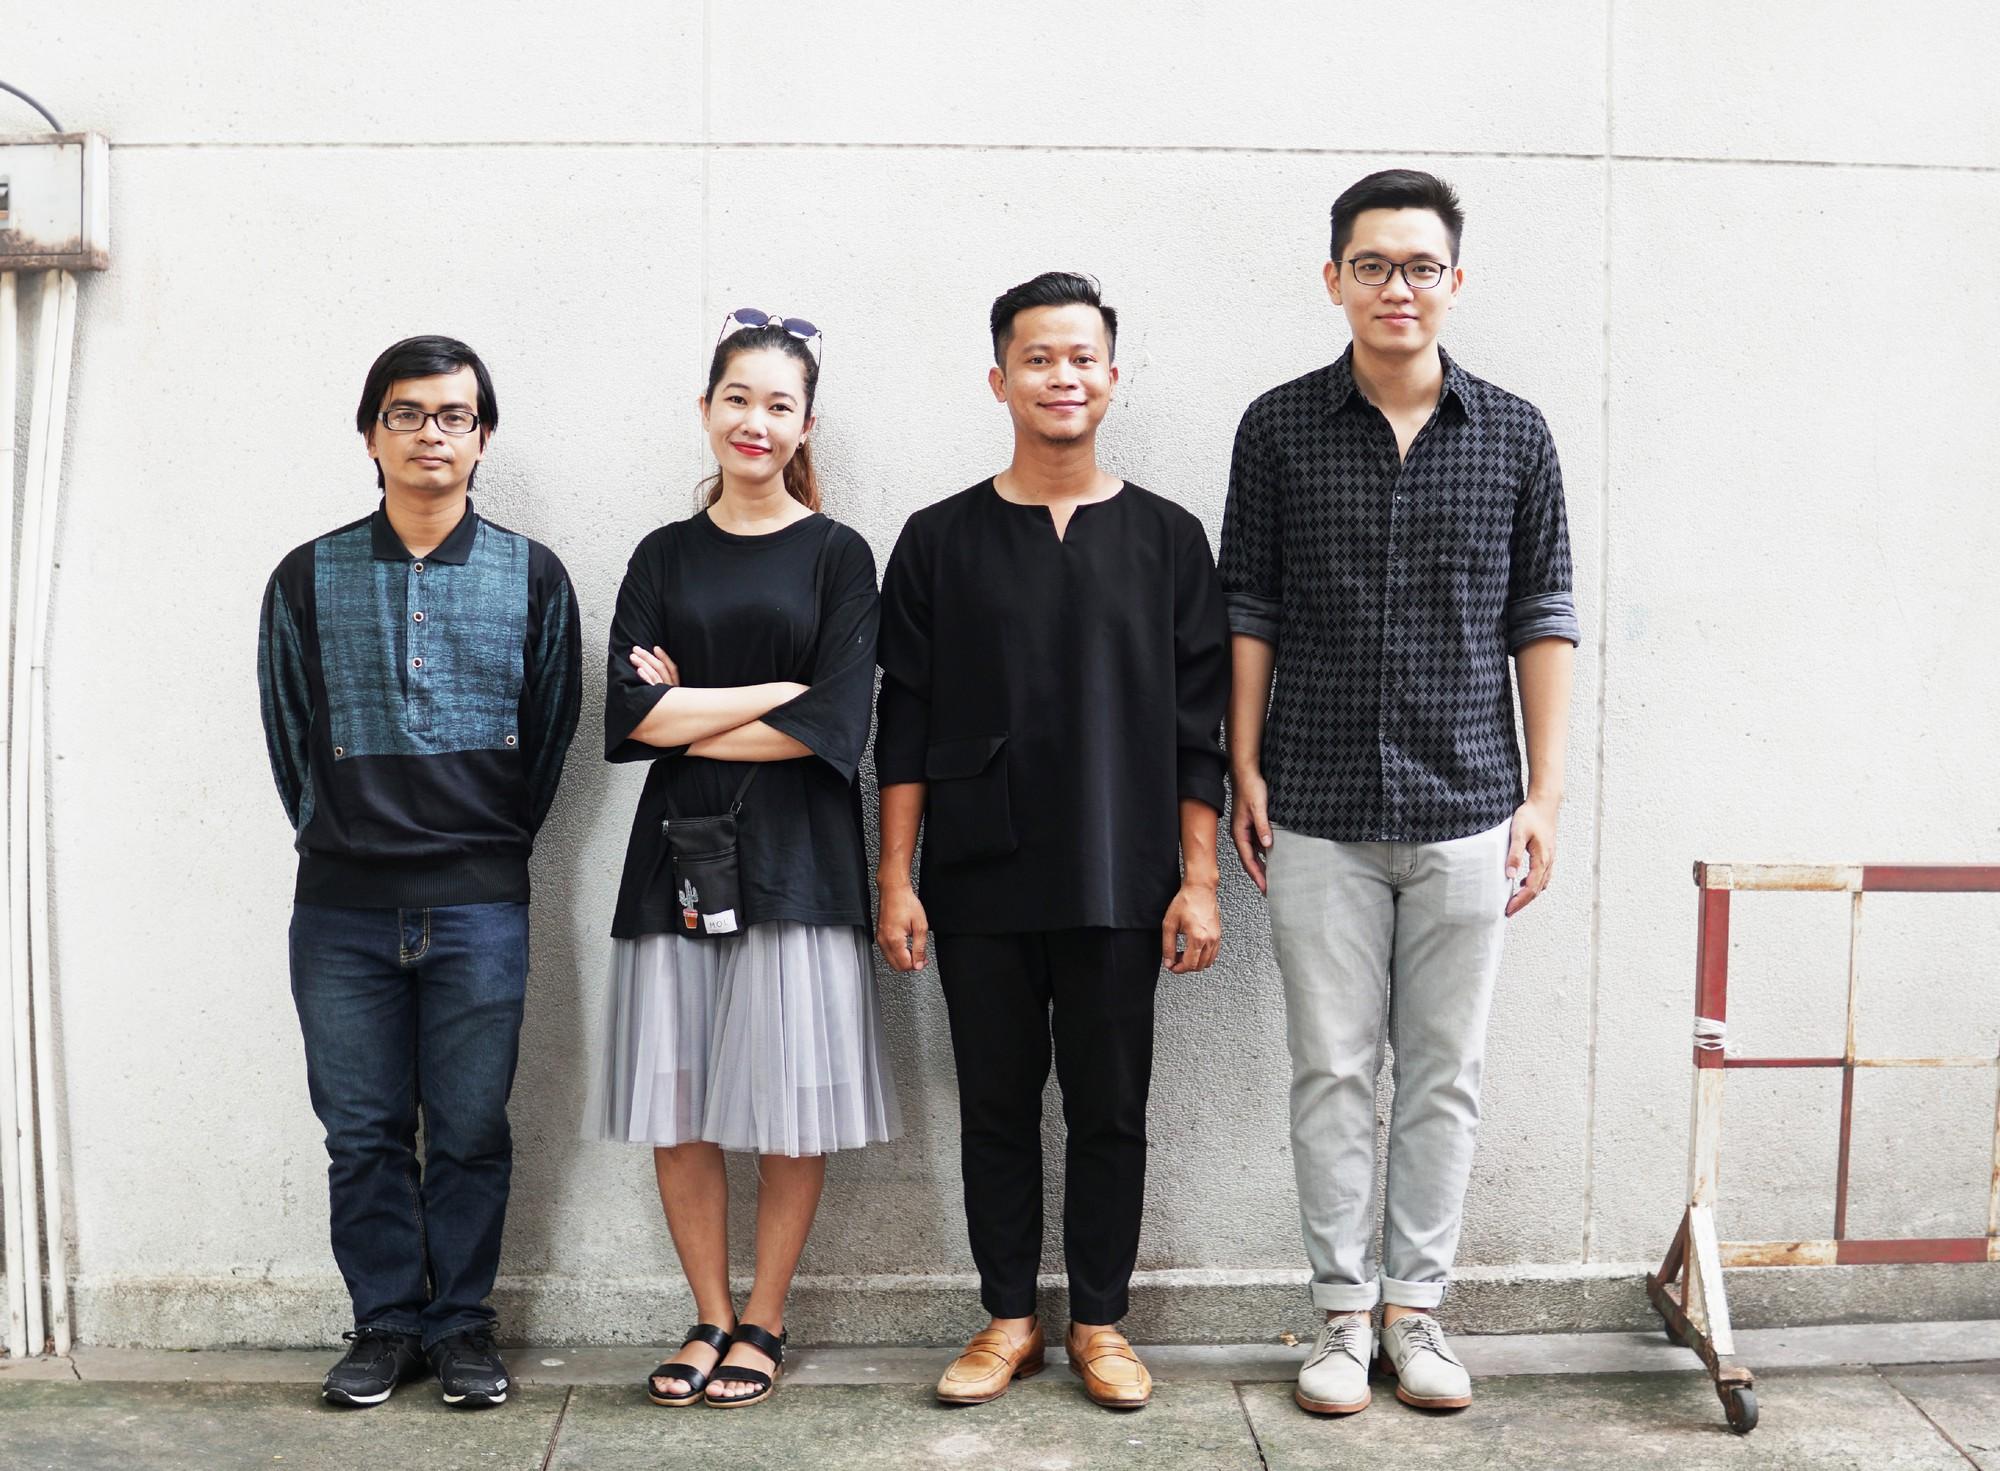 Hình ảnh: Gặp nhóm chiến thắng 1 tỷ đồng cuộc thi làm phim của Vingroup: 'Chúng tôi muốn đưa phim hoạt hình Việt ra thế giới' số 1